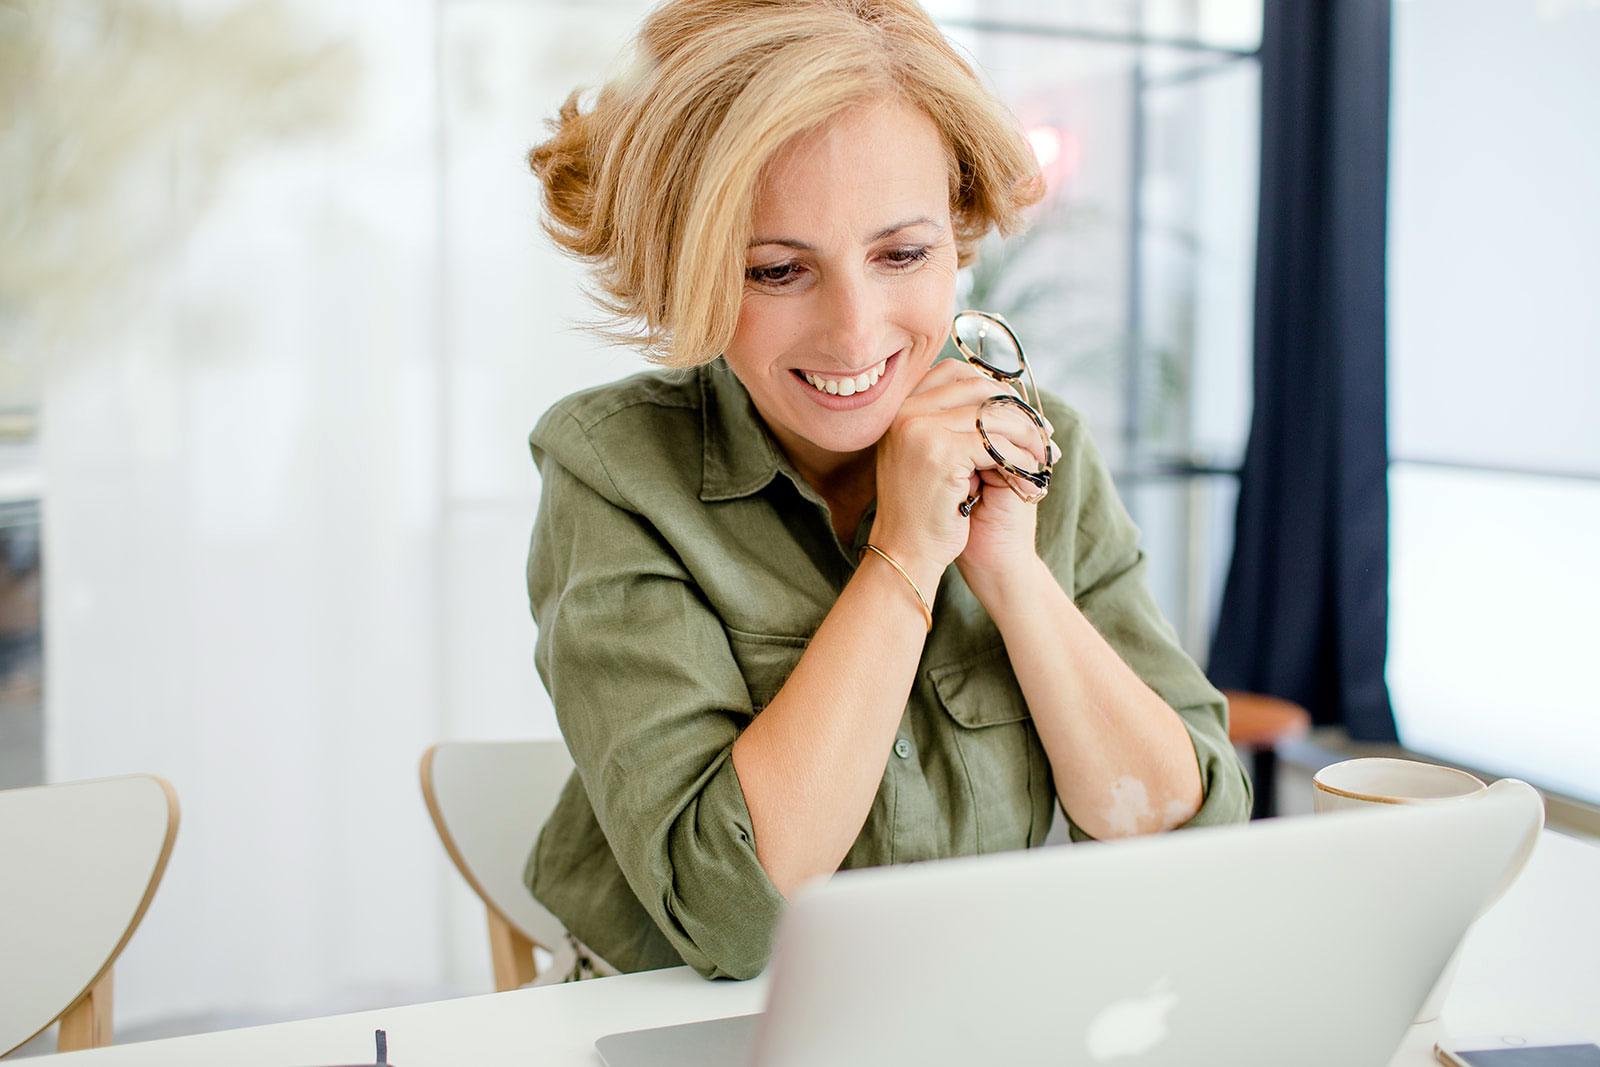 Rita Aleluia com óculos nas mãos a olhar para o ecrã de um computador